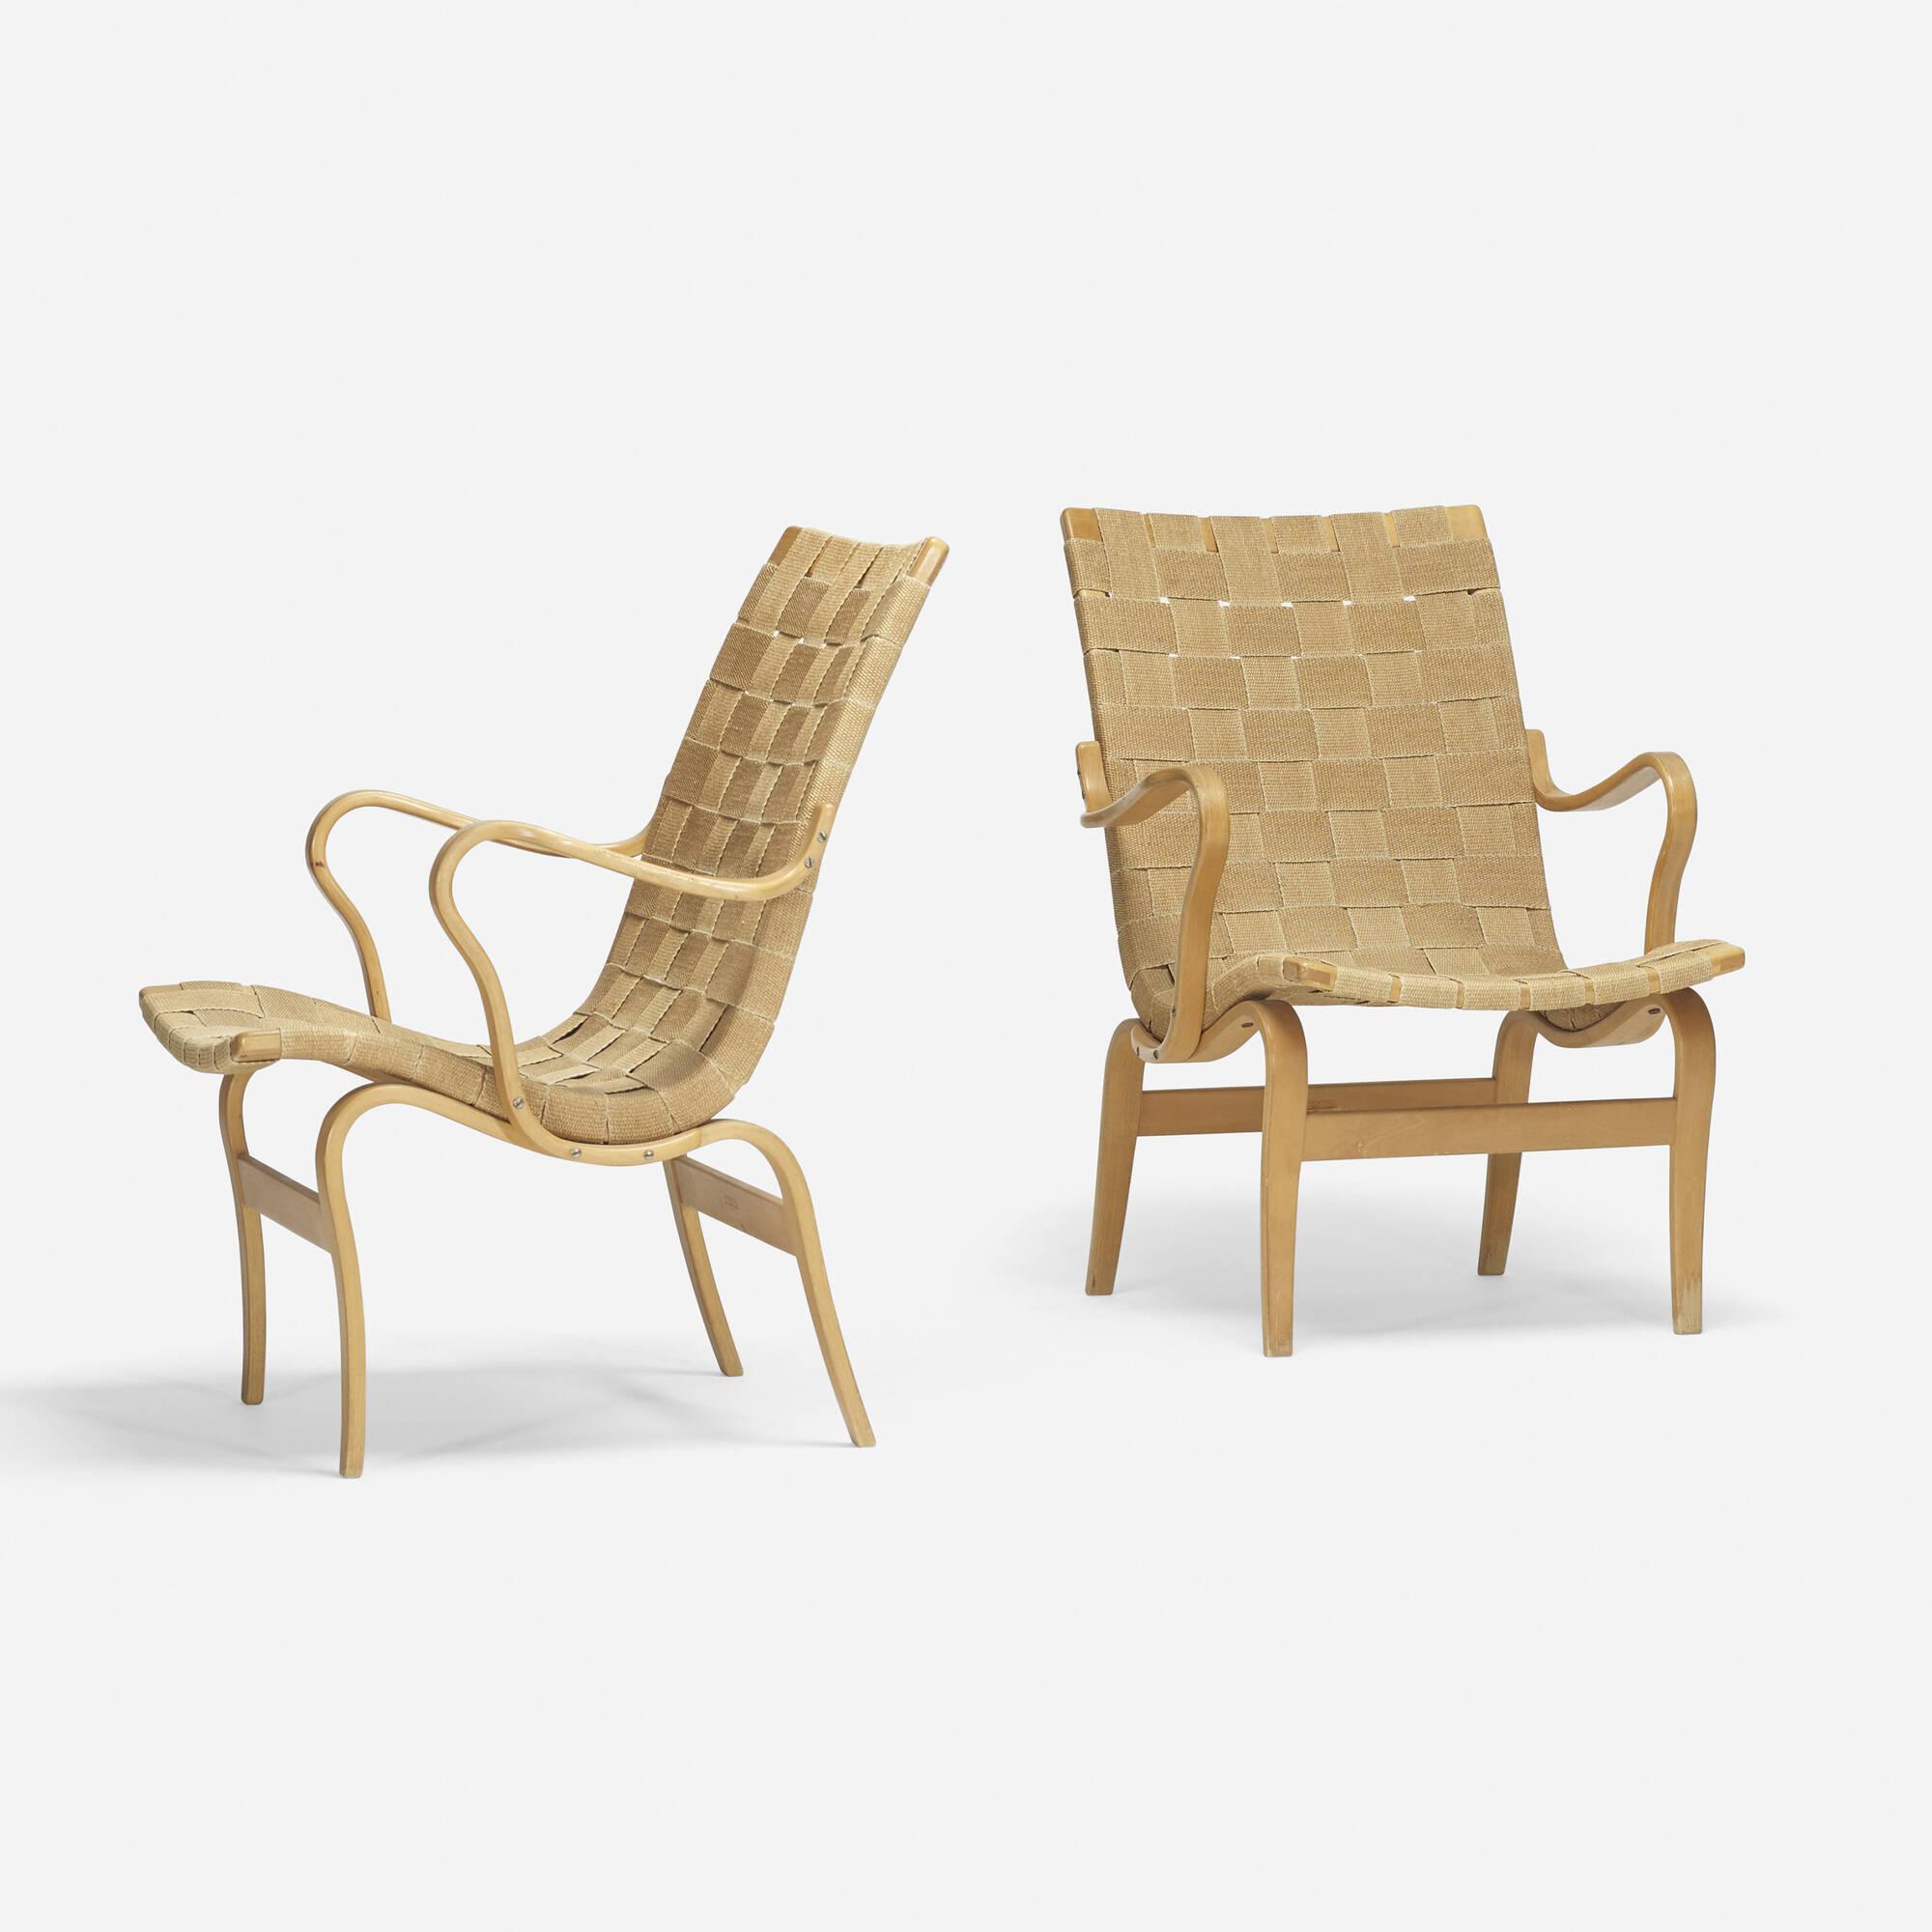 321 Bruno Mathsson Eva chairs pair Design 26 March 2015